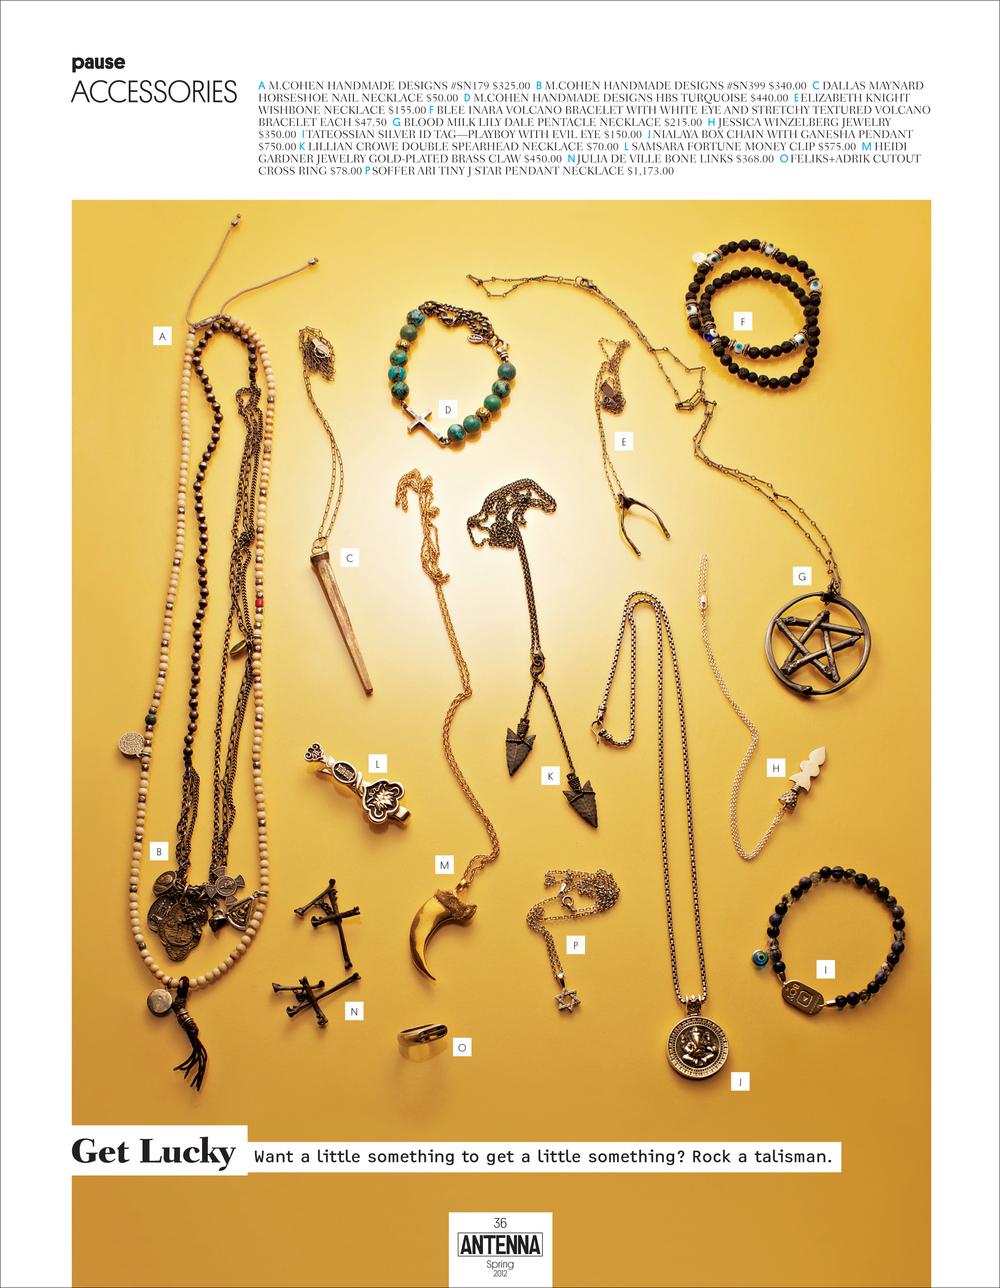 19 a accessories.jpg